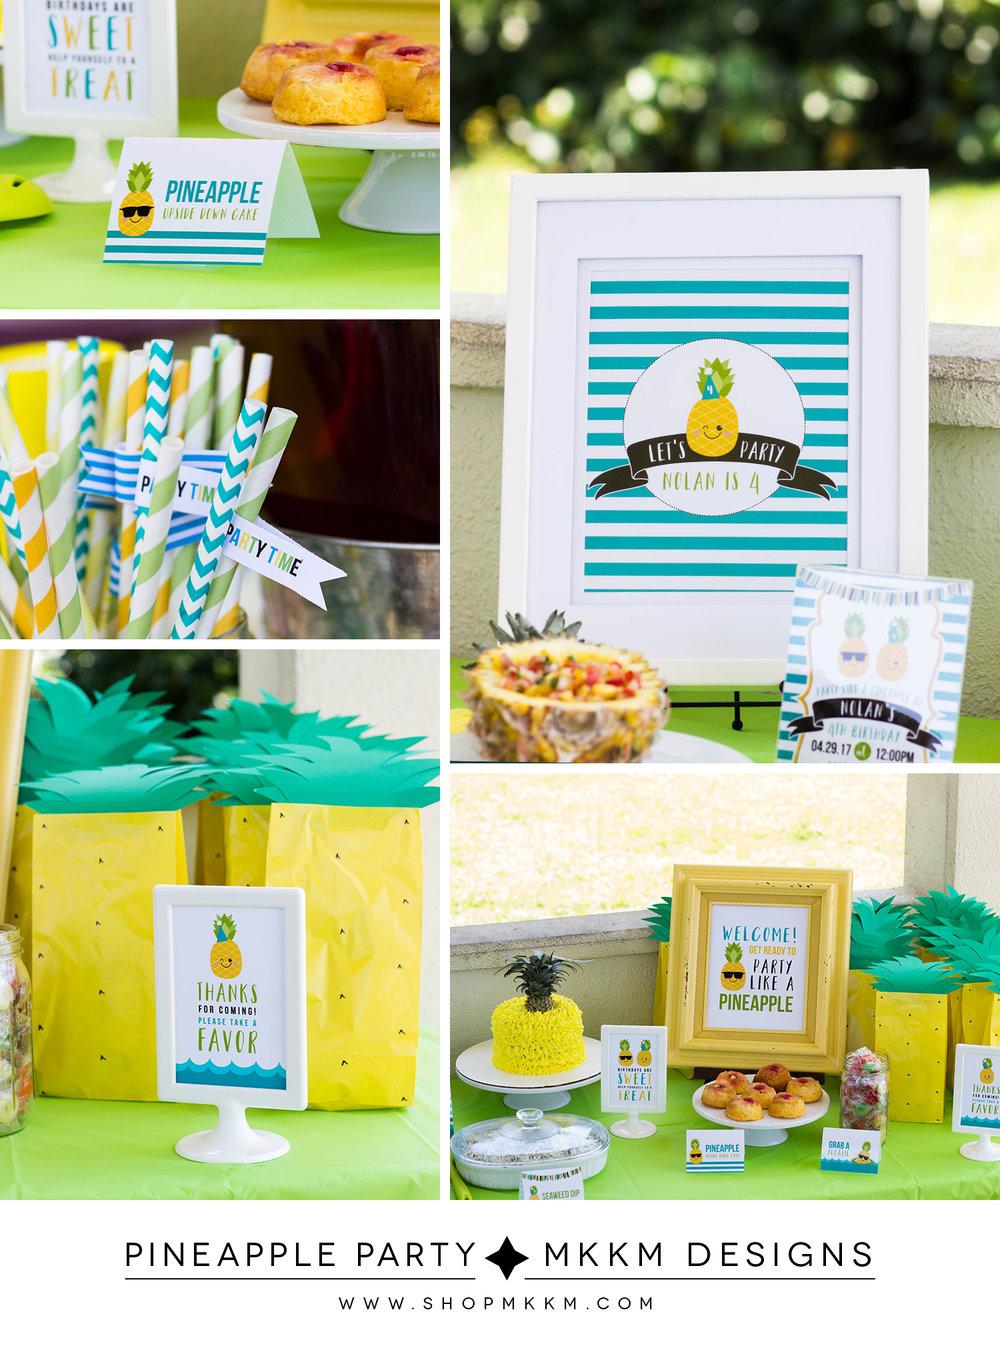 Pineapple Party Kit // mkkmdesigns